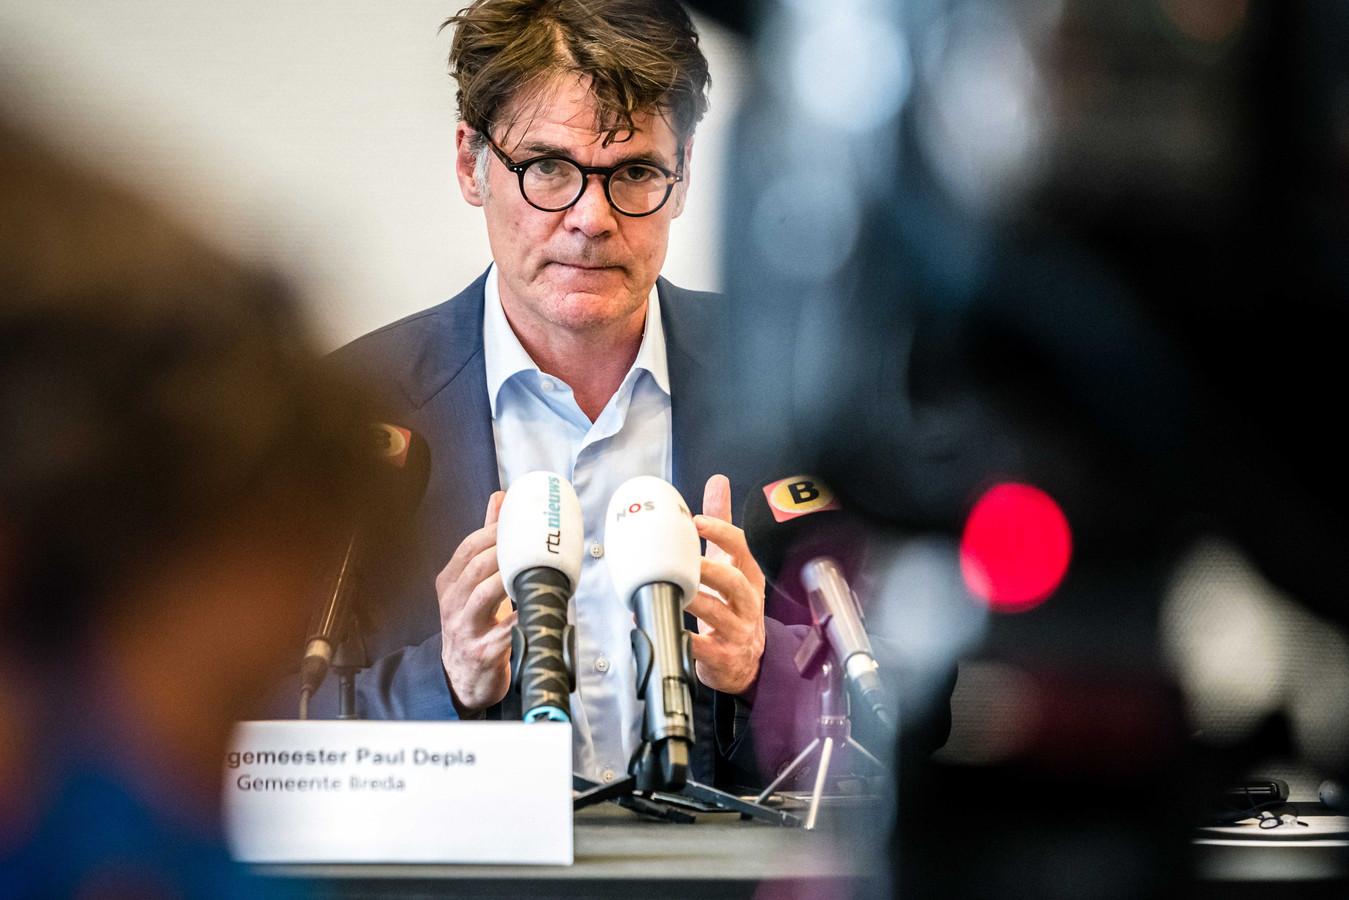 Burgemeester Paul Depla tijdens de persconferentie. De gemeente Breda geeft geen vergunning voor het evenement 538 Oranjedag dat zou plaatsvinden in de stad.